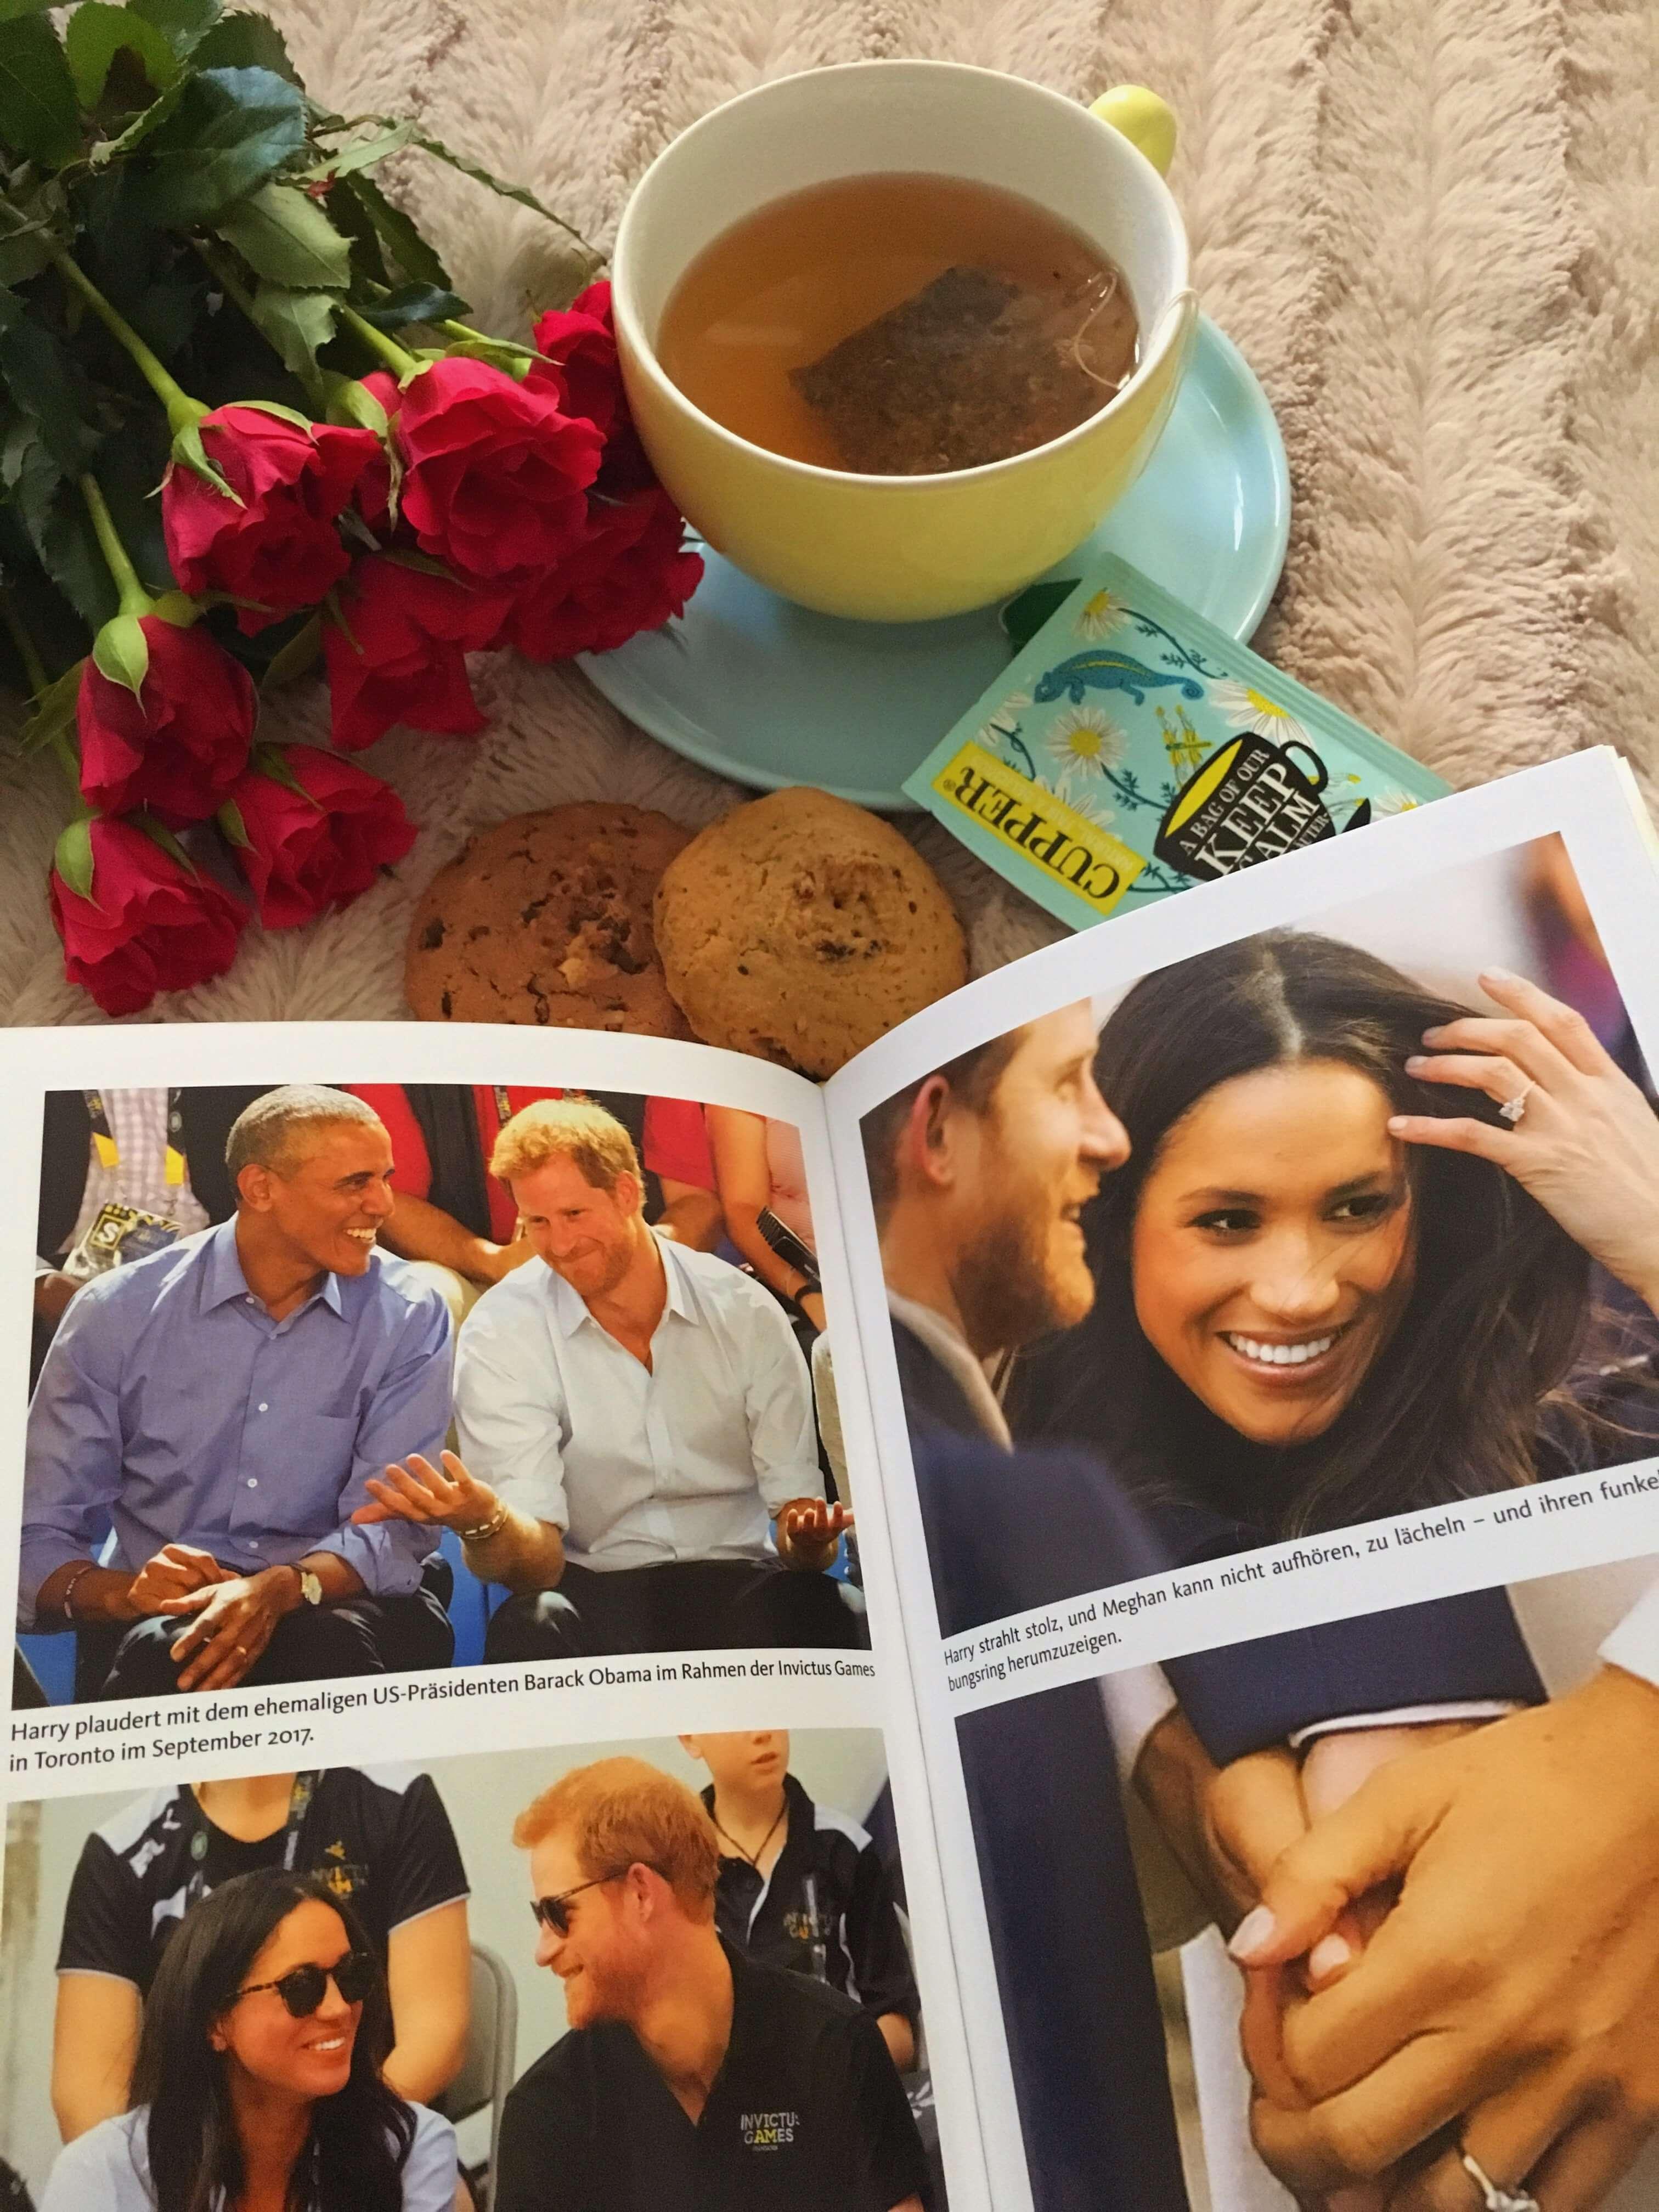 Heute stelle ich euch passend zur royalen Traumhochzeit das tolle Buch Harry - Ein Leben zwischen Liebe und Verlust von Katie Nicholl näher auf dem Blog vor